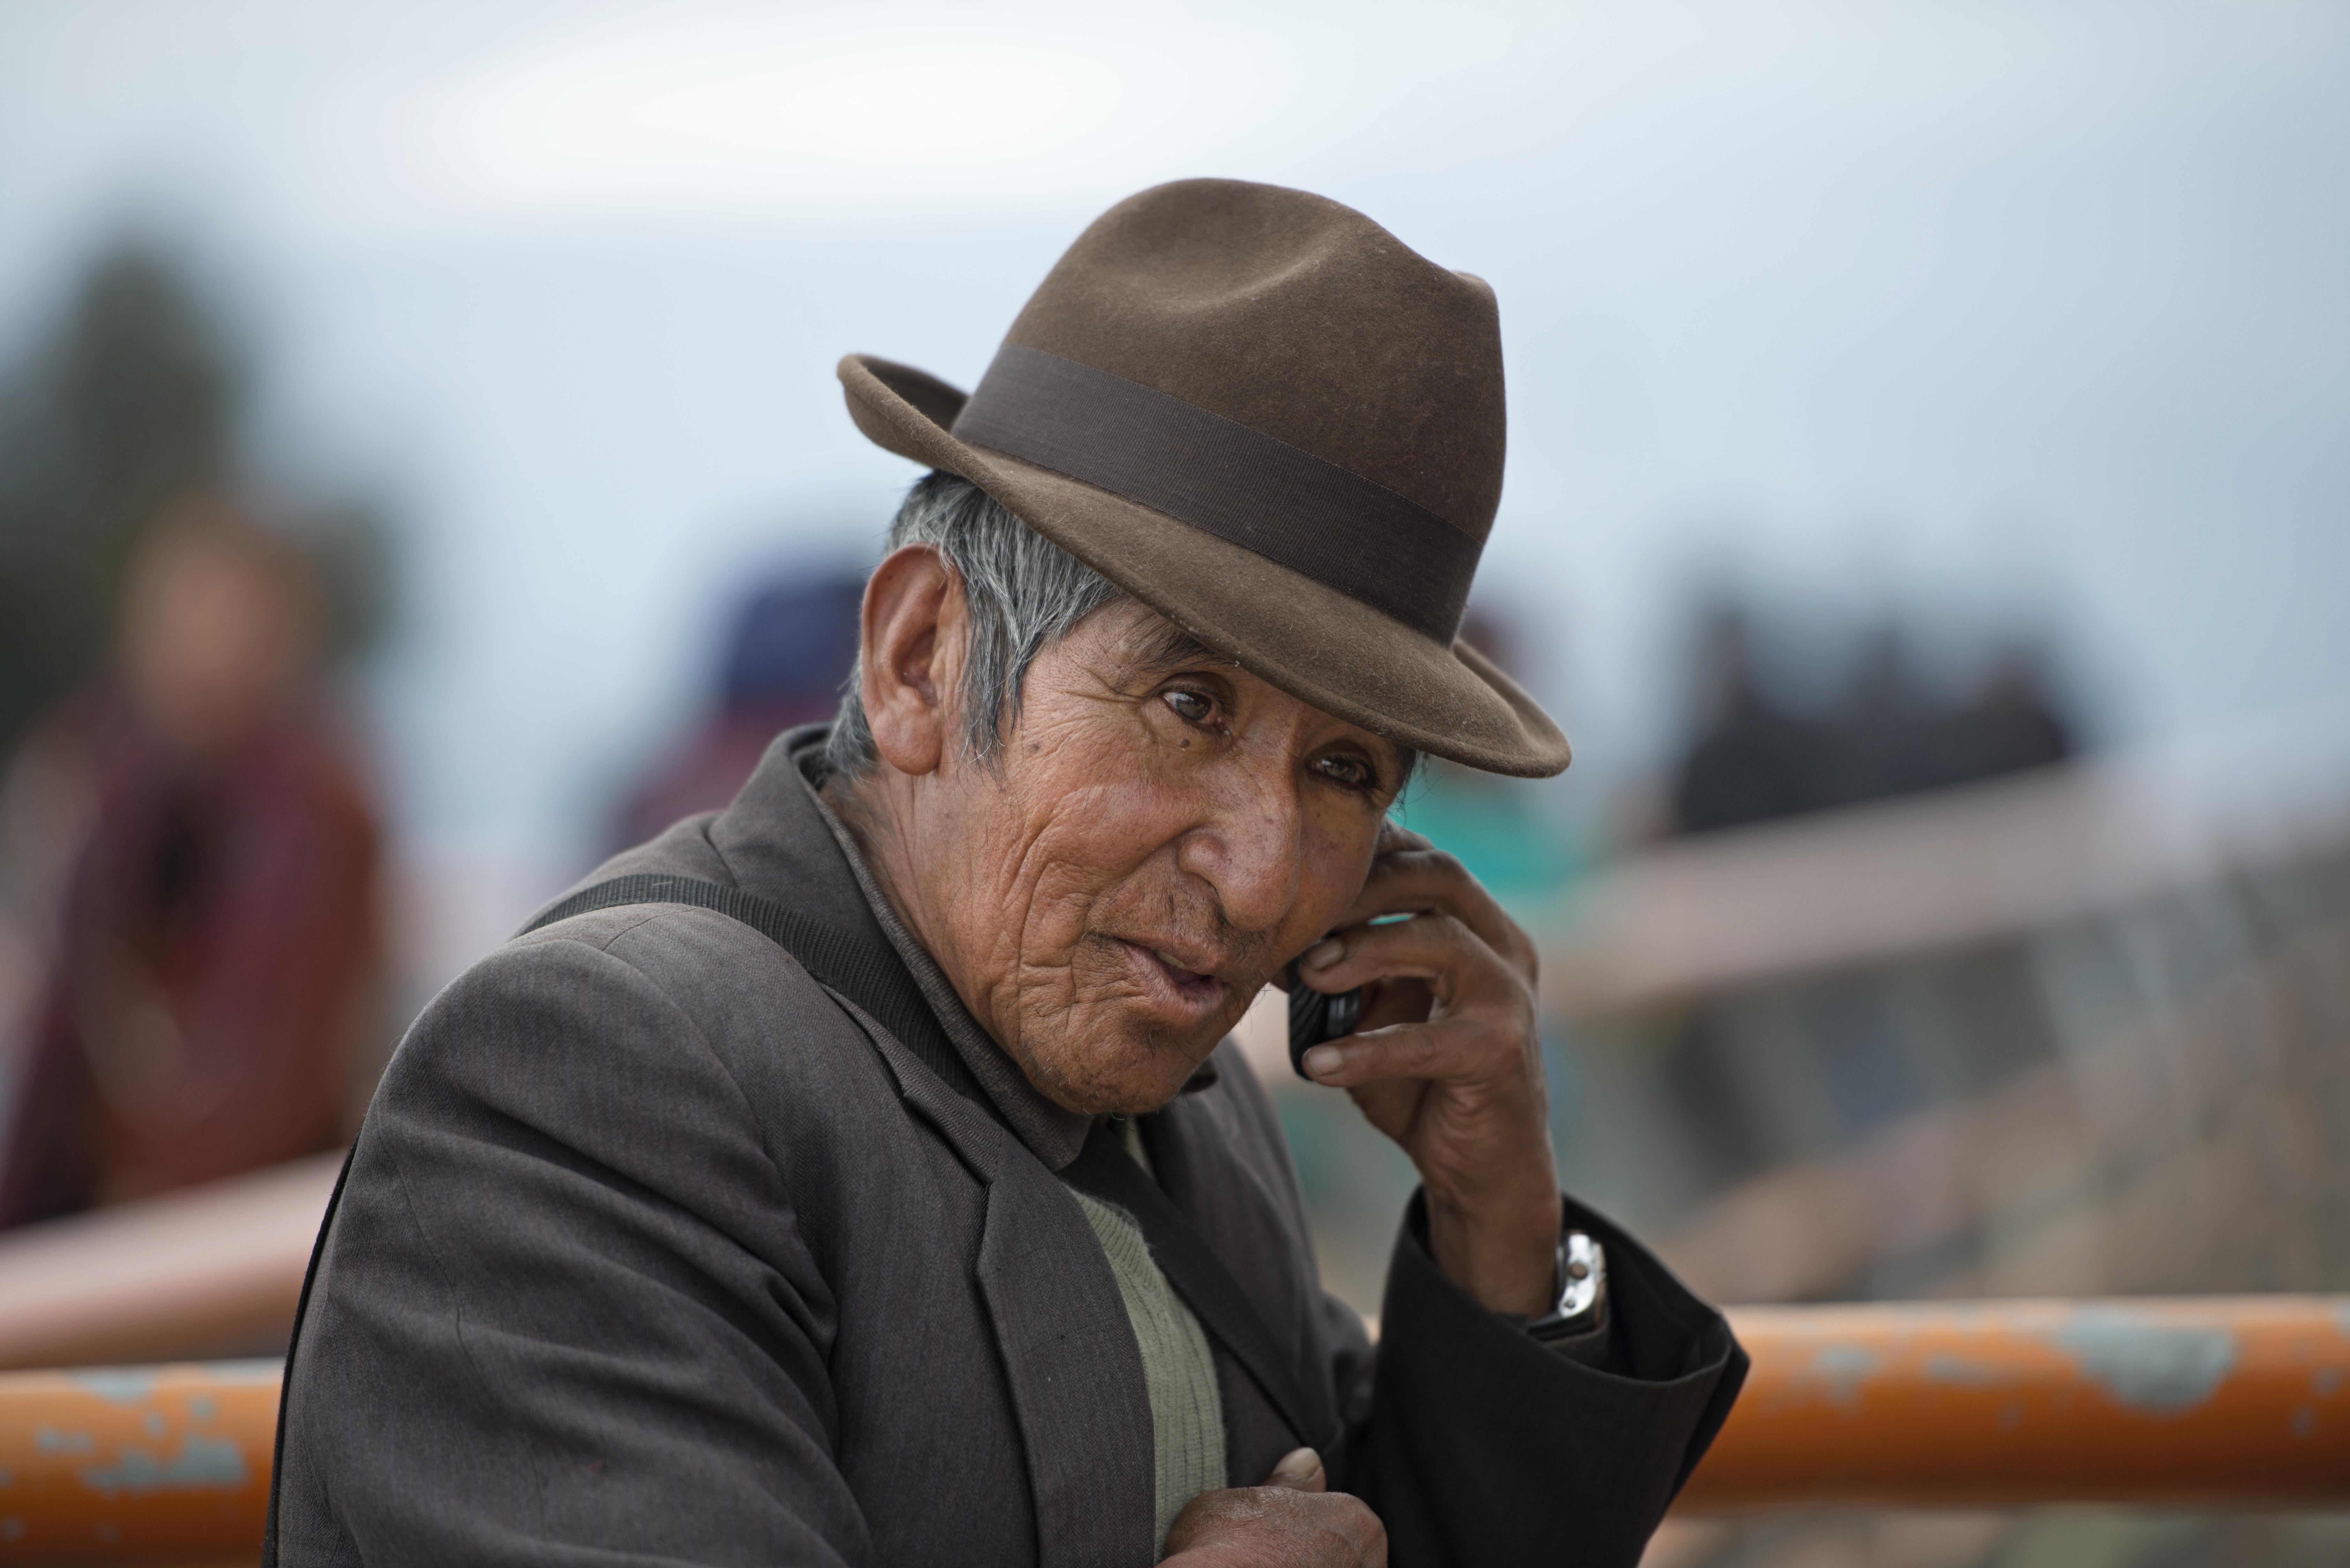 Old man_El Alto